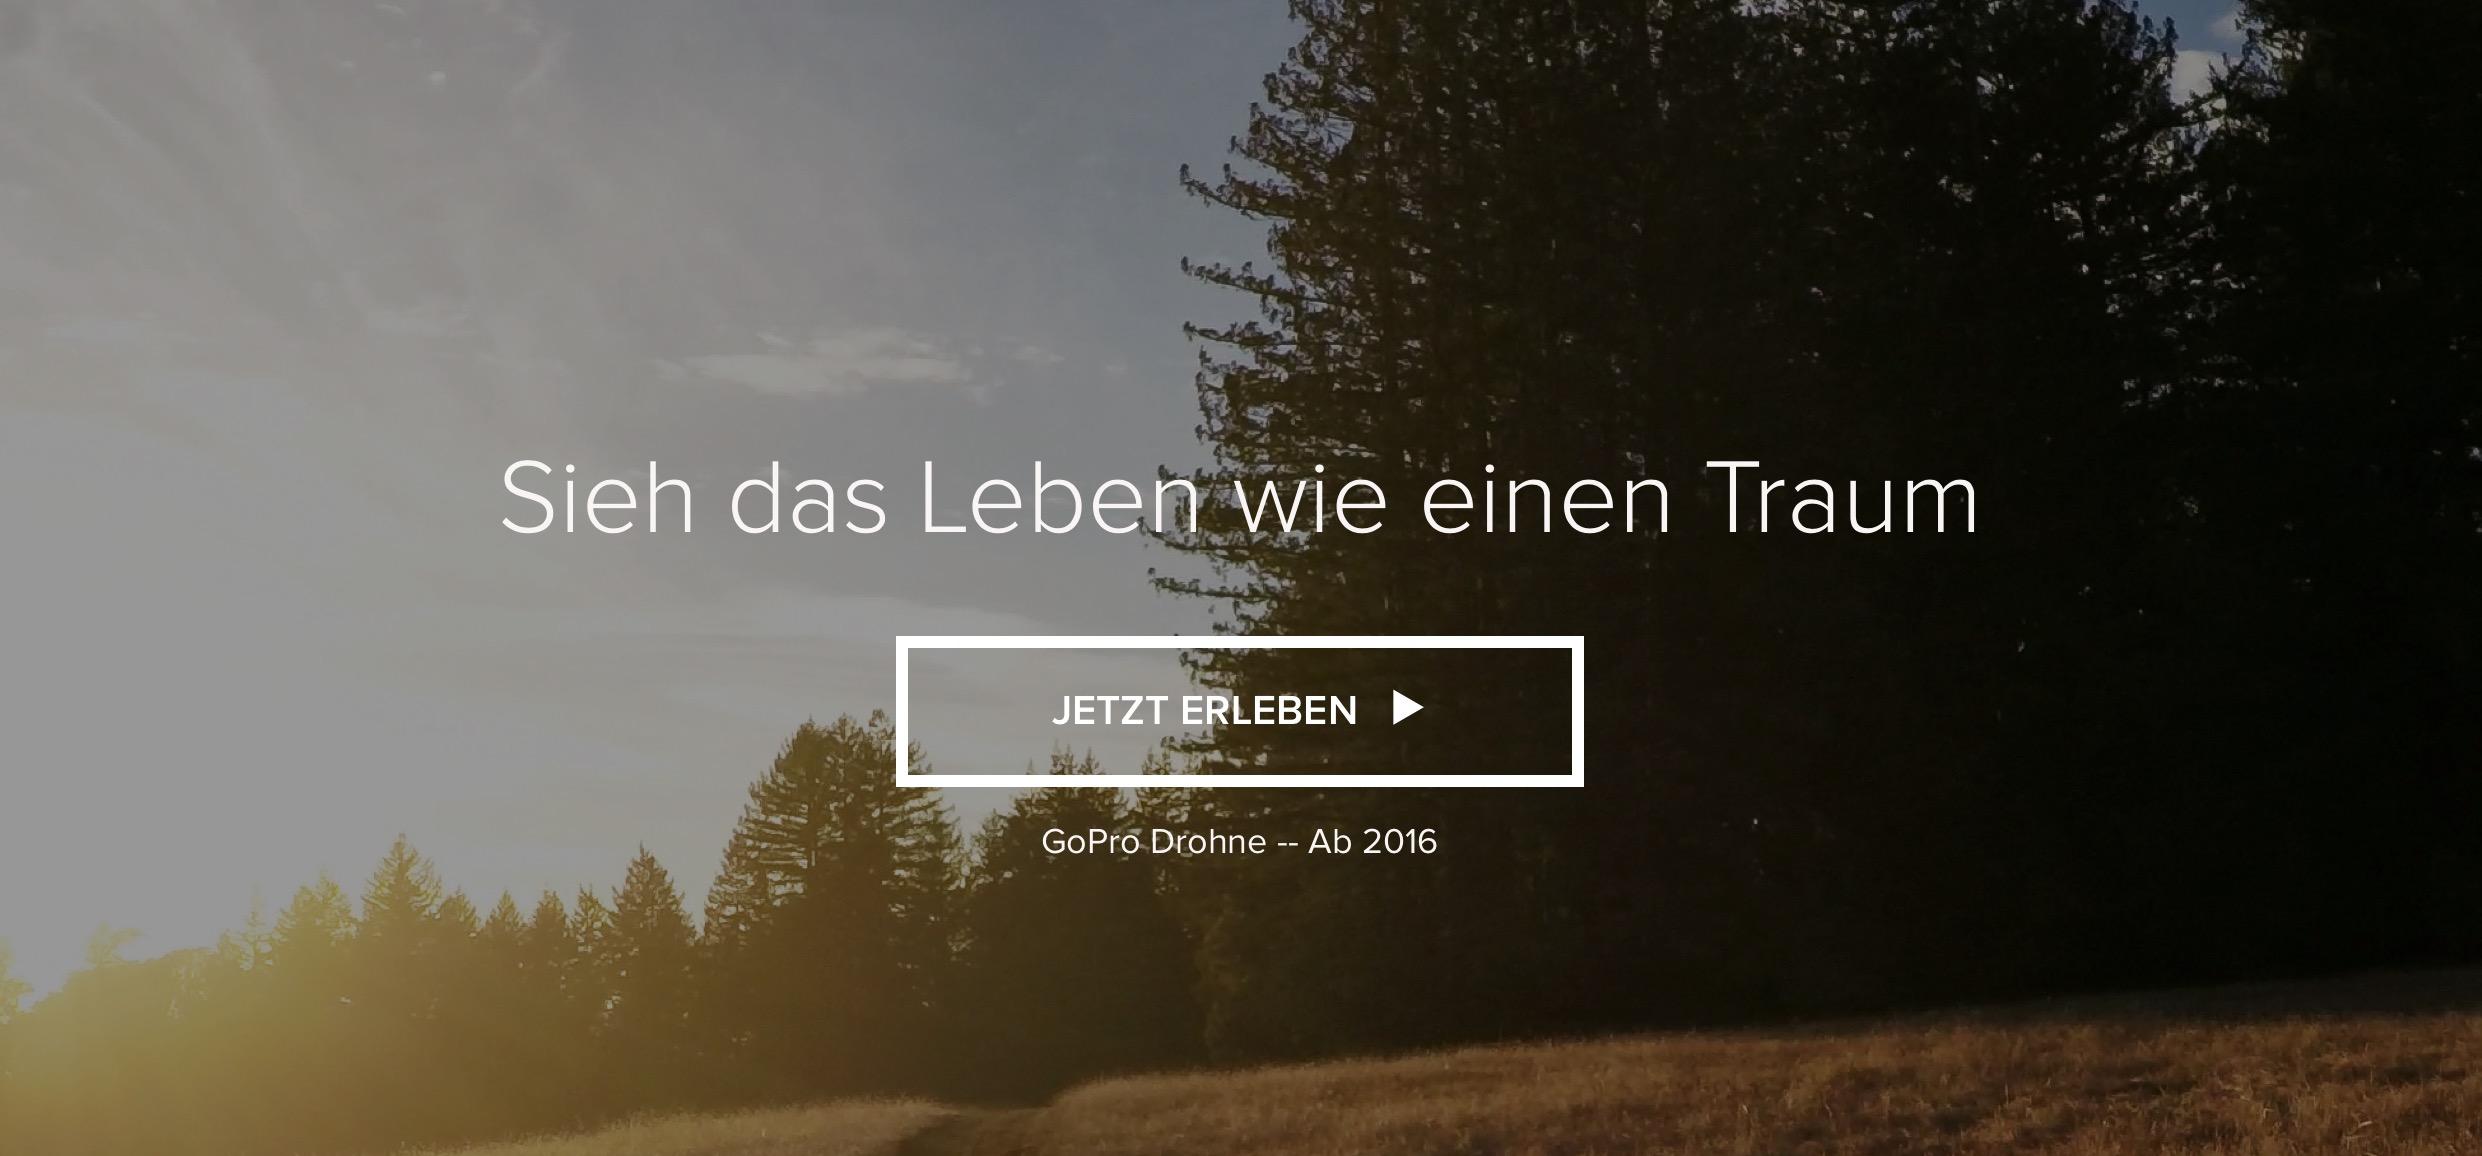 Launch der GoPro Drone verschoben - gopro, drohne